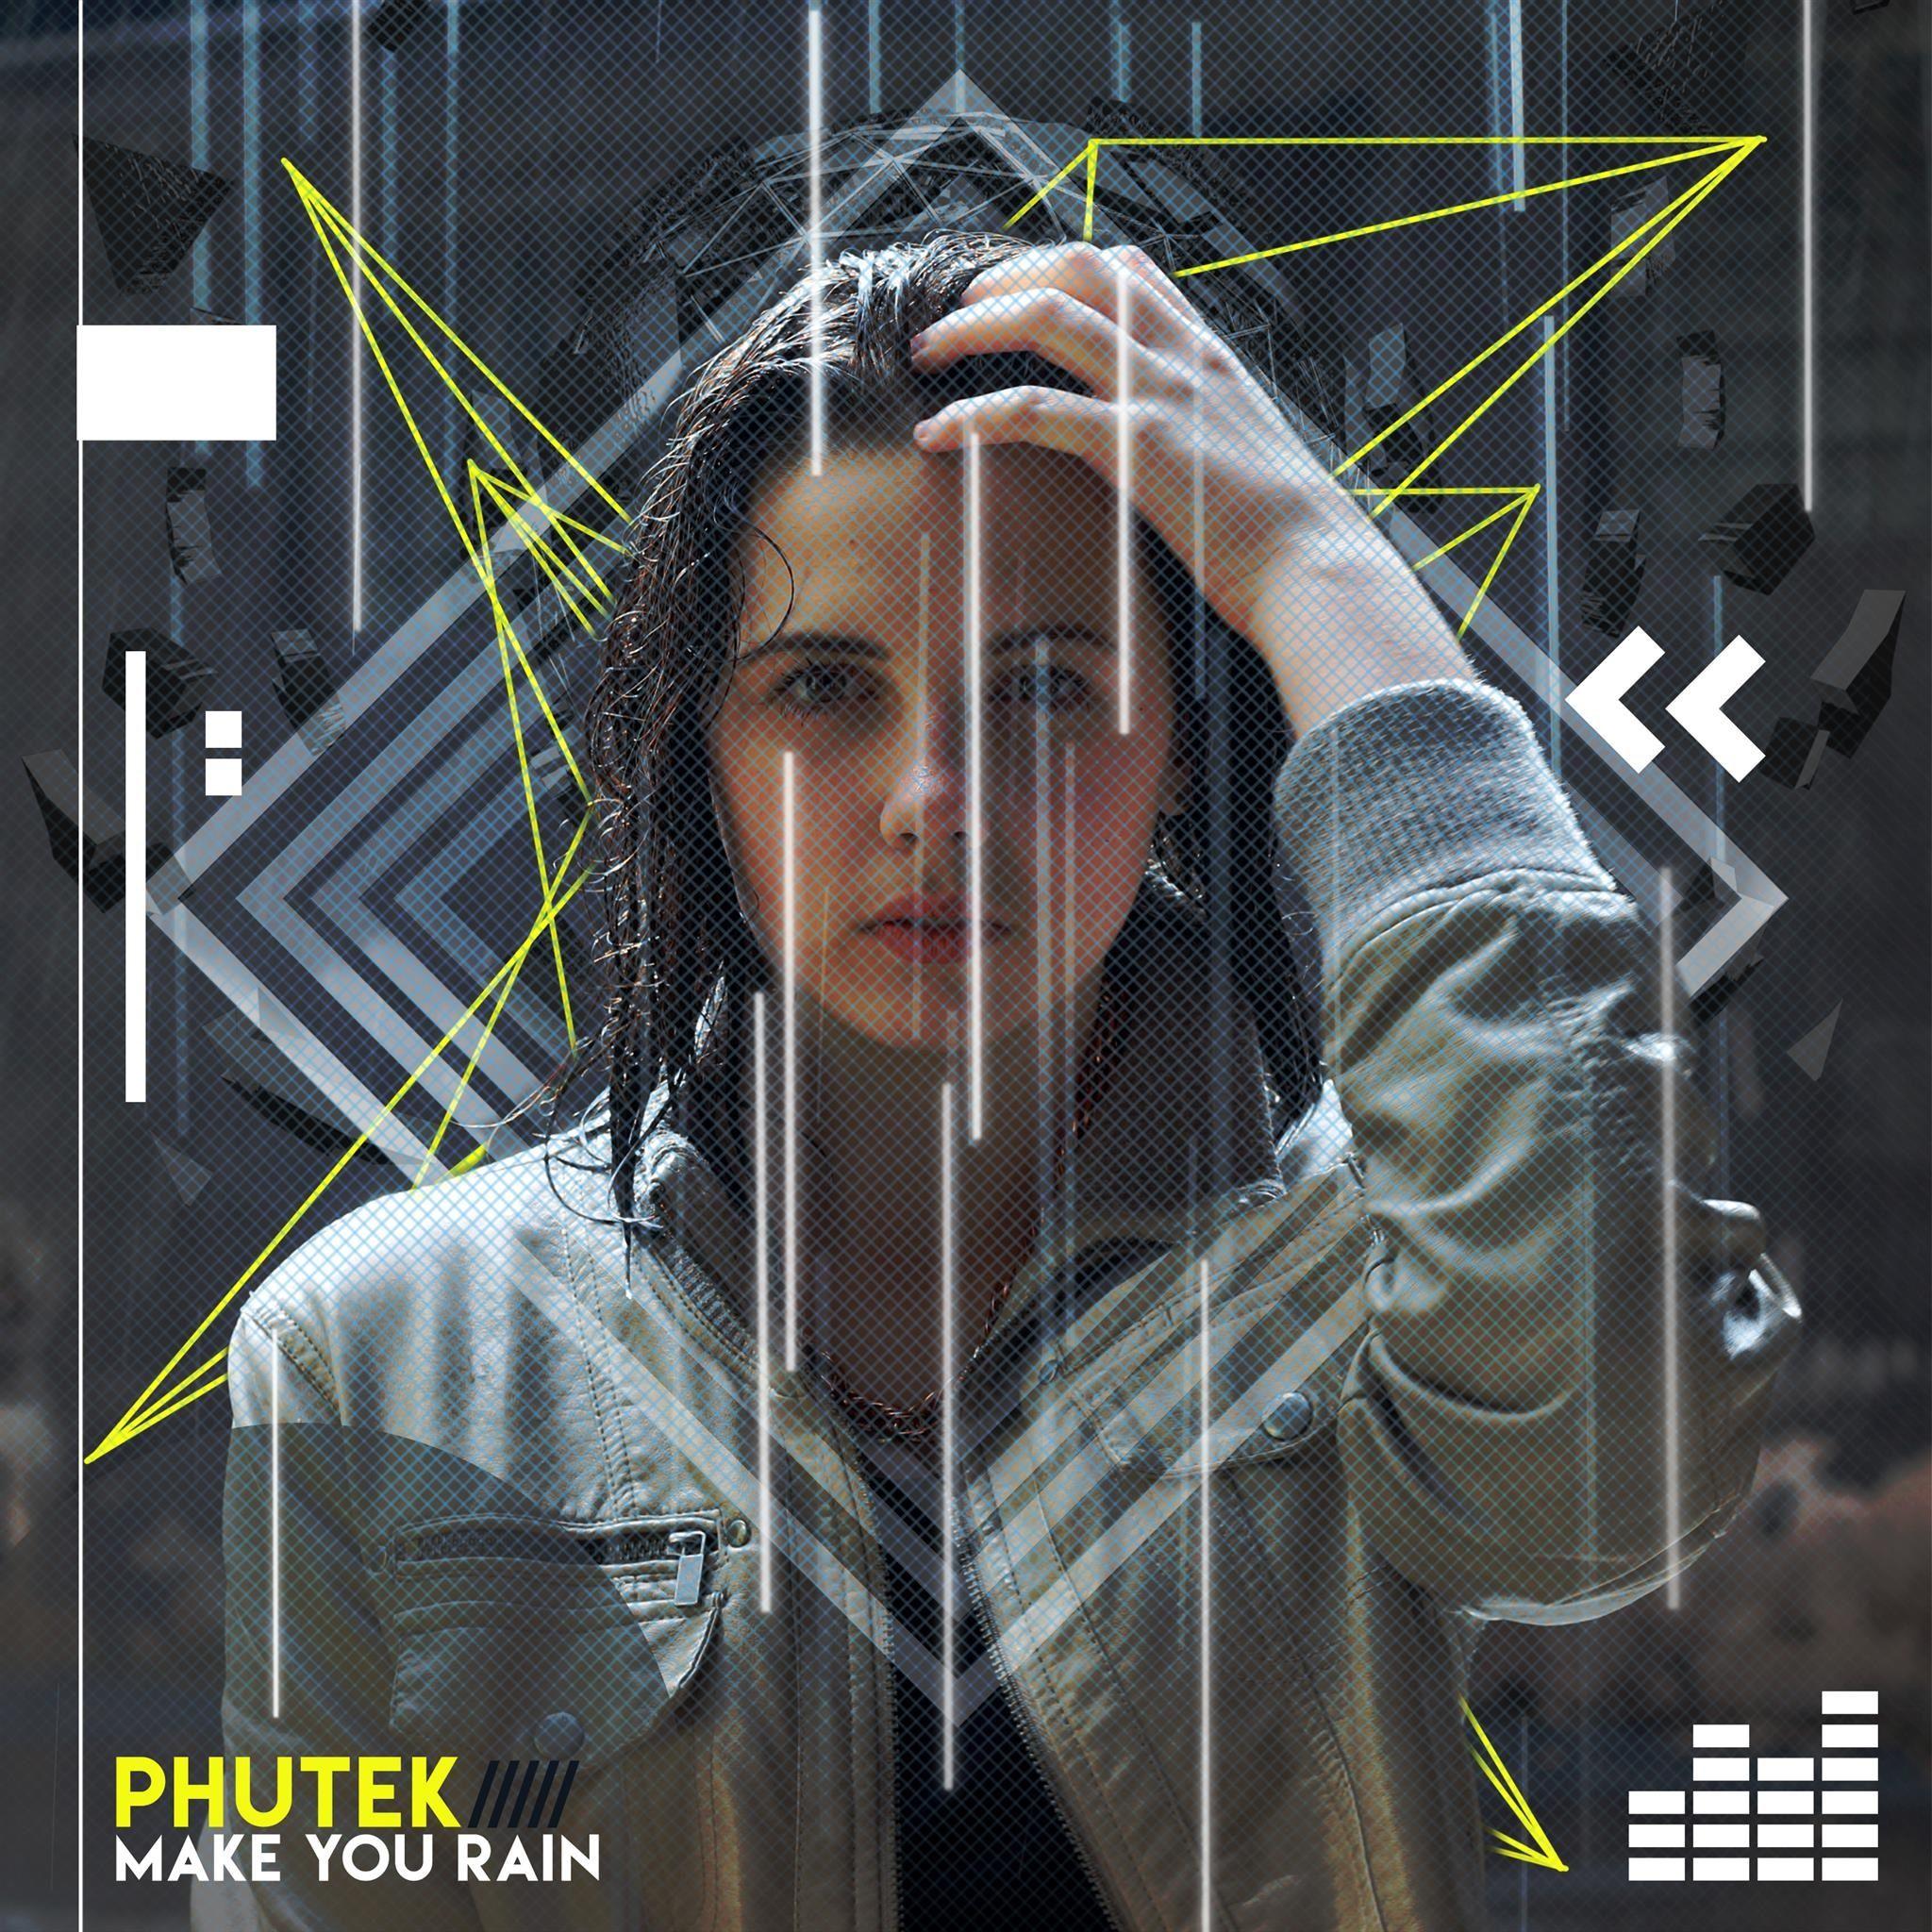 phutek_artwork.jpg